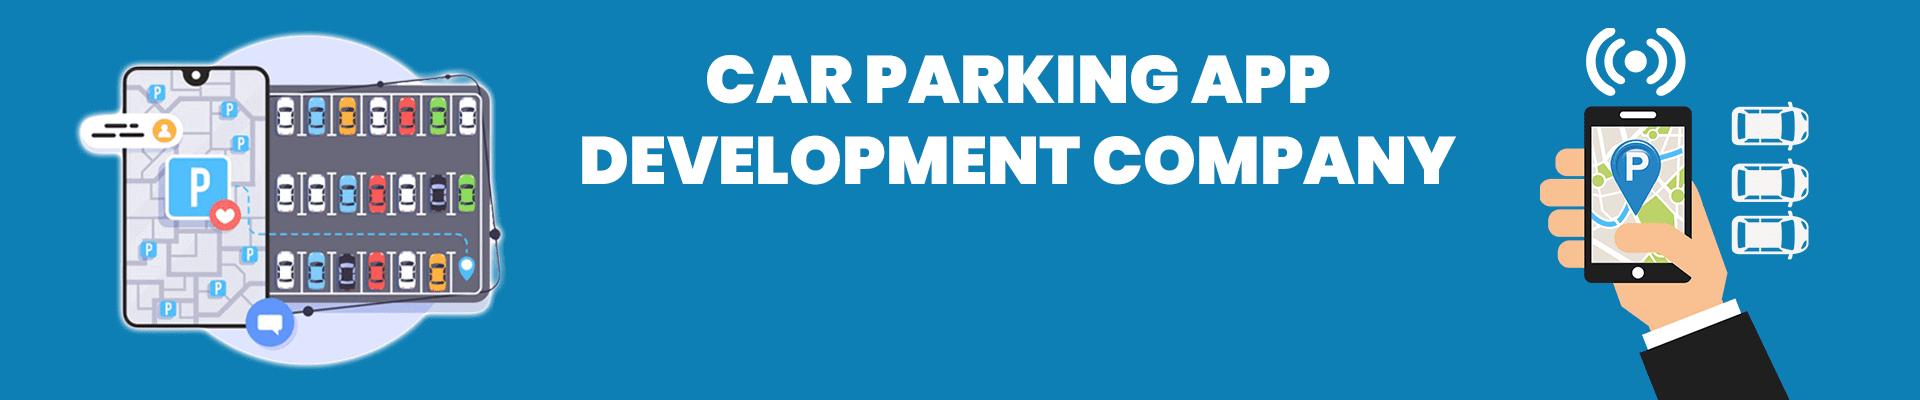 Car Parking App Development Company   Hire Car Parking App Developers